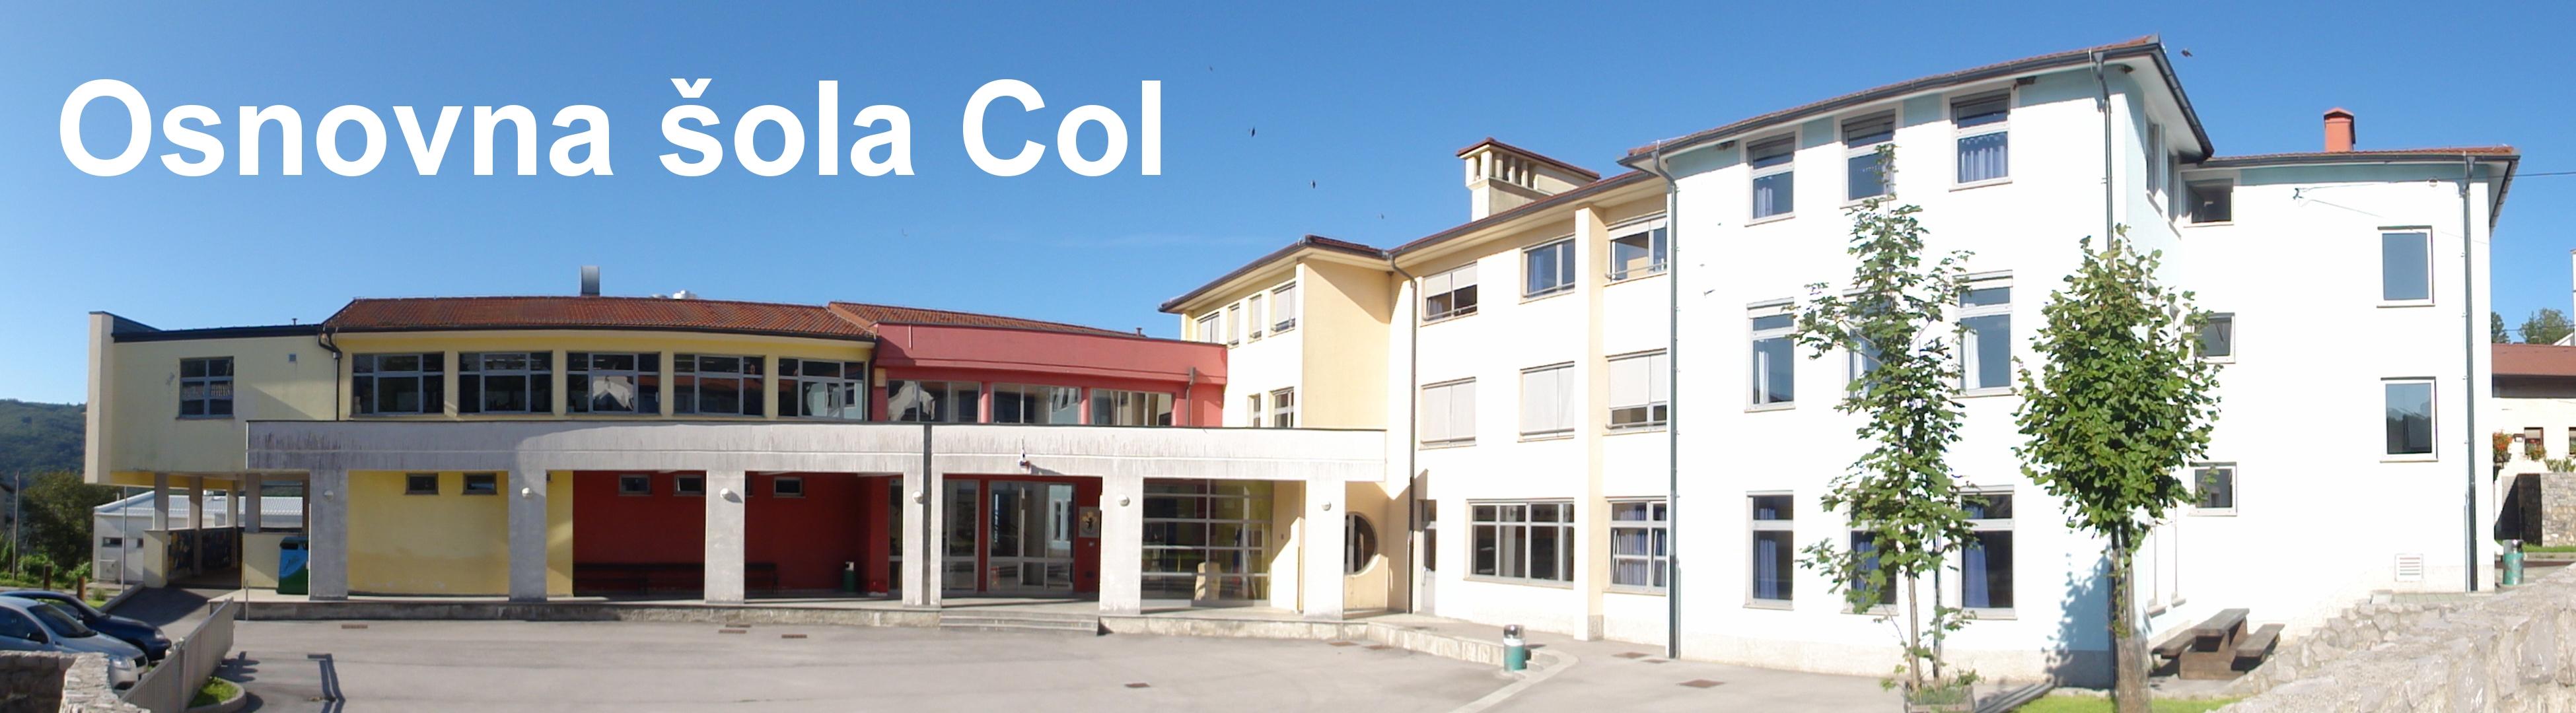 Osnovna šola Col